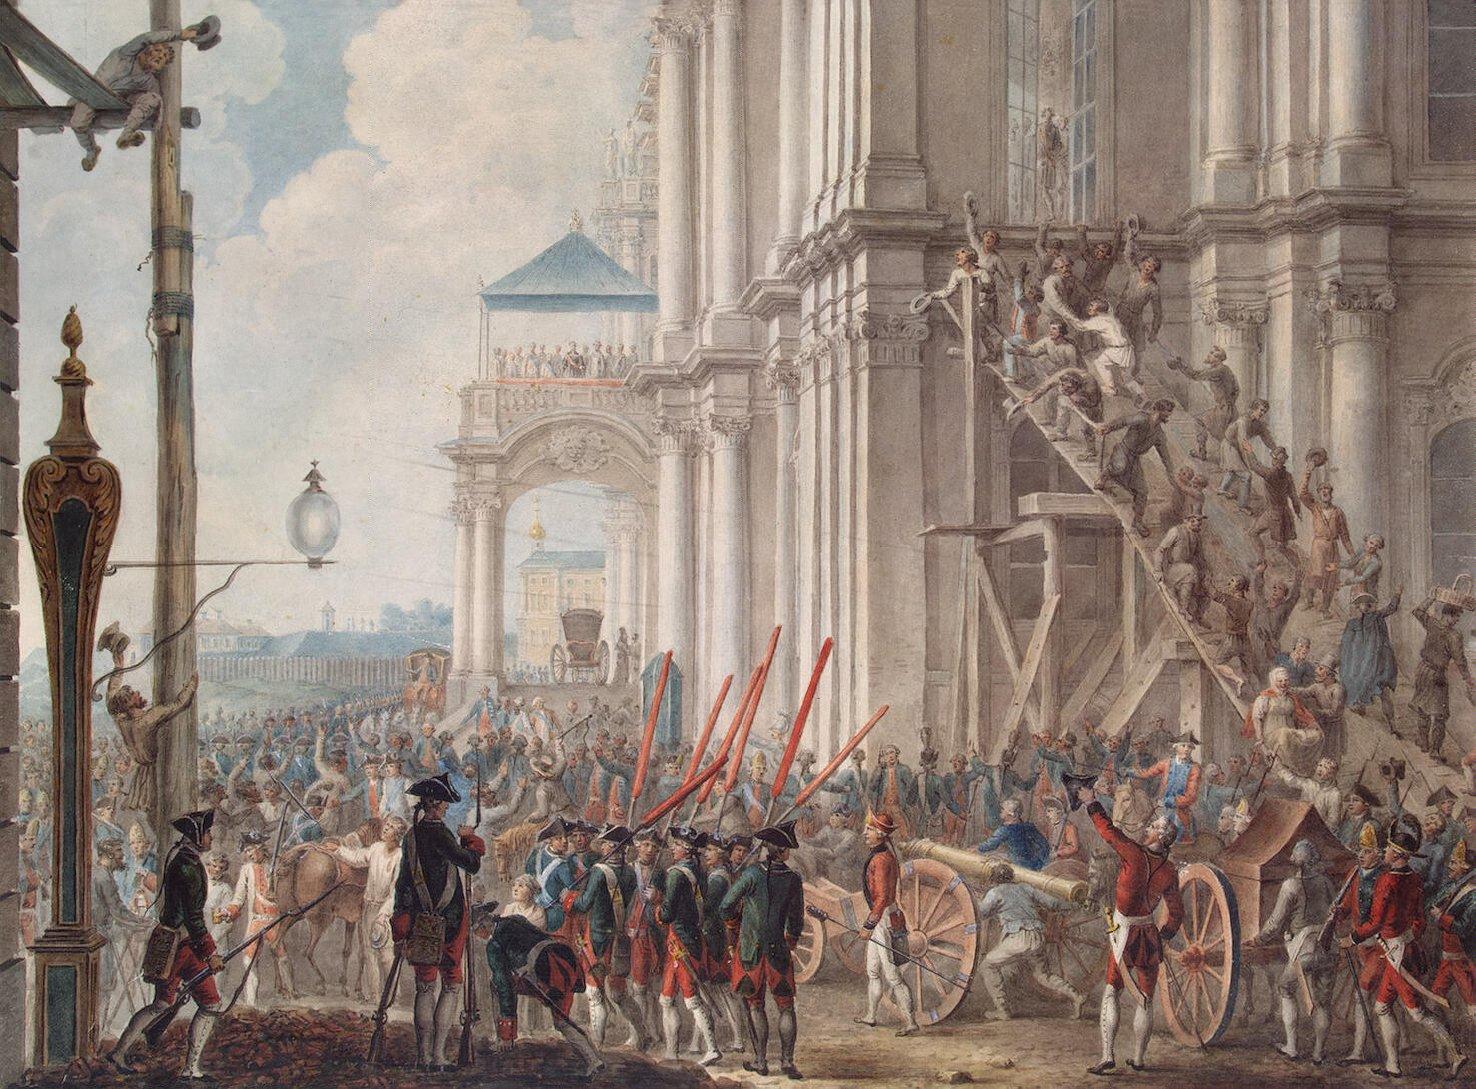 Екатерина II на балконе Зимнего дворца, приветствуемая гвардией и народом в день переворота.